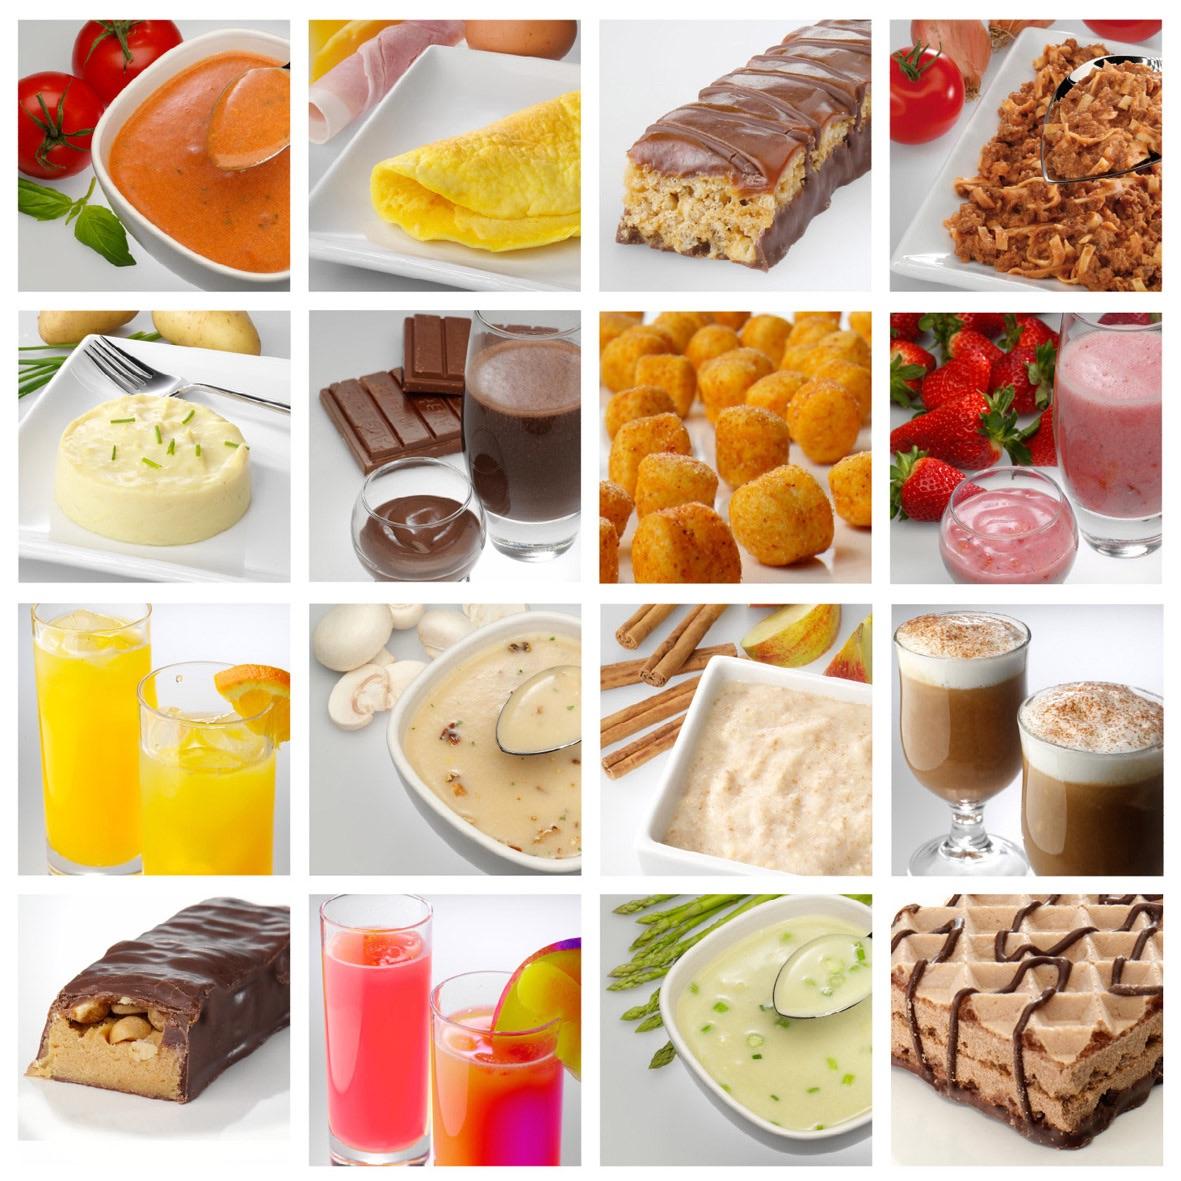 cambridge dieet spiermassa